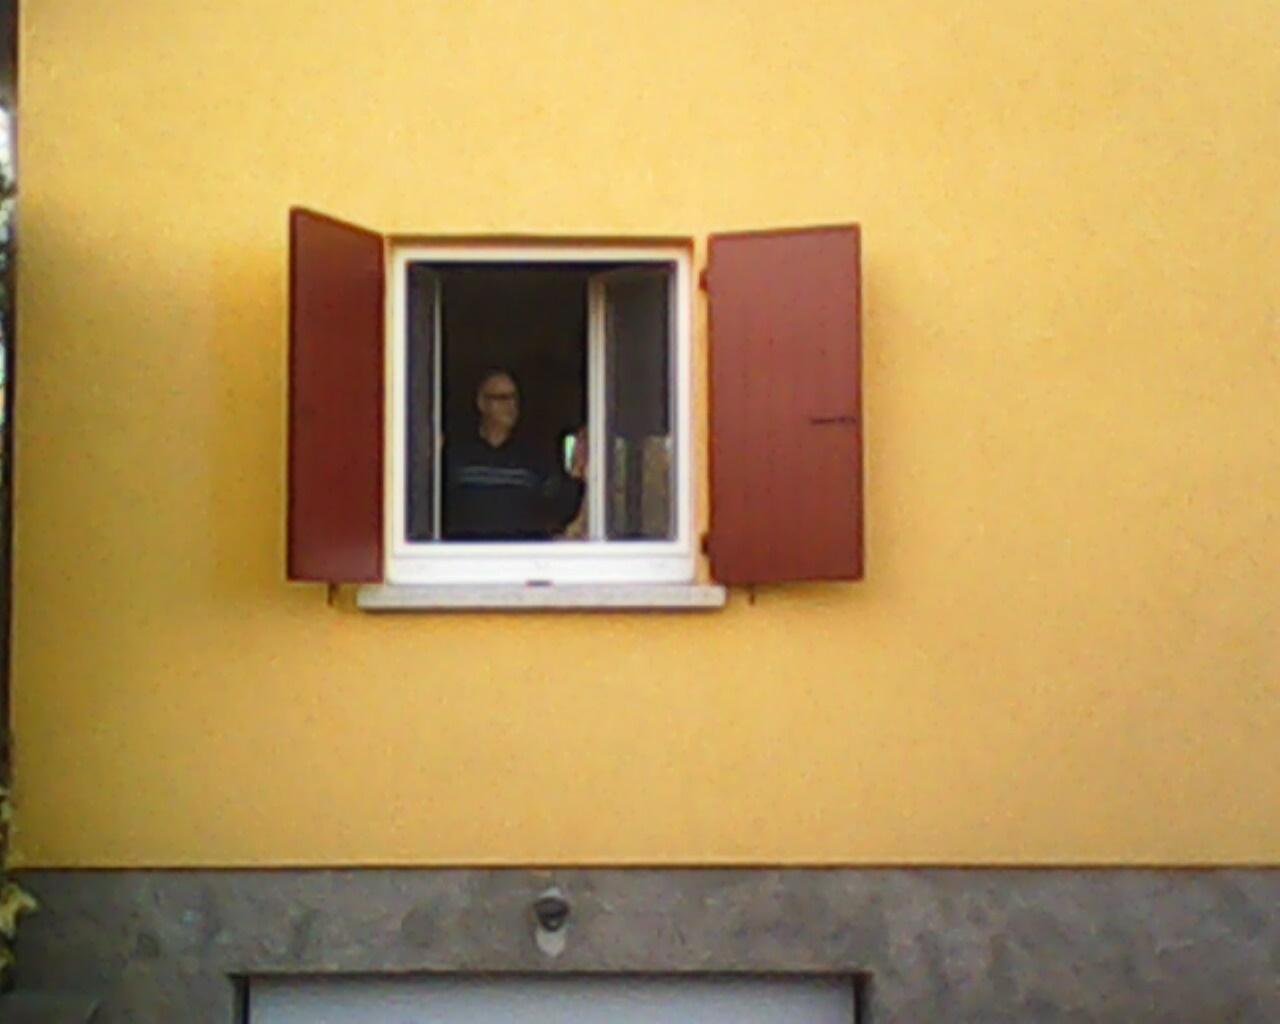 Full Size of Fliegengitter Fenster Maßanfertigung Insektenschutz Doppelrahmen Tr Fr Klappladen Aron Braun Sicherheitsfolie Test Anthrazit Dänische Rolladen Nachträglich Fenster Fliegengitter Fenster Maßanfertigung